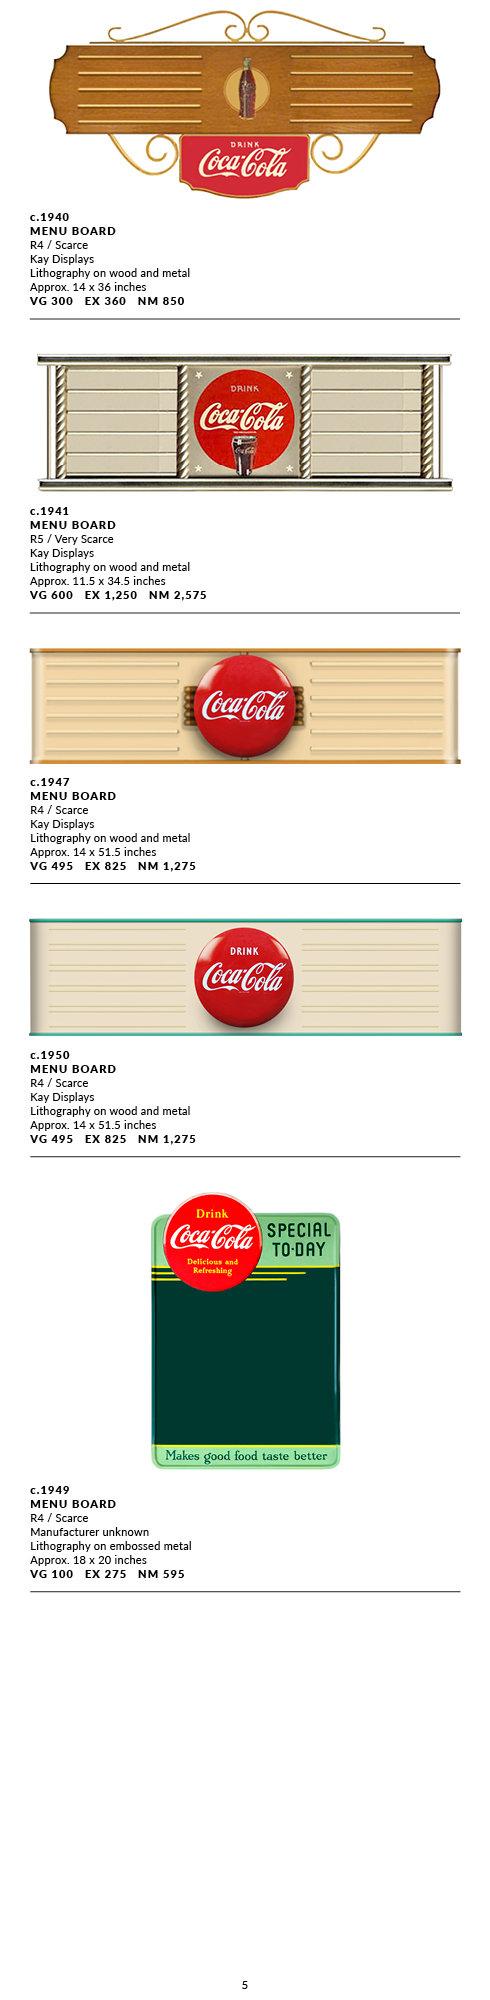 Menu Boards5.jpg